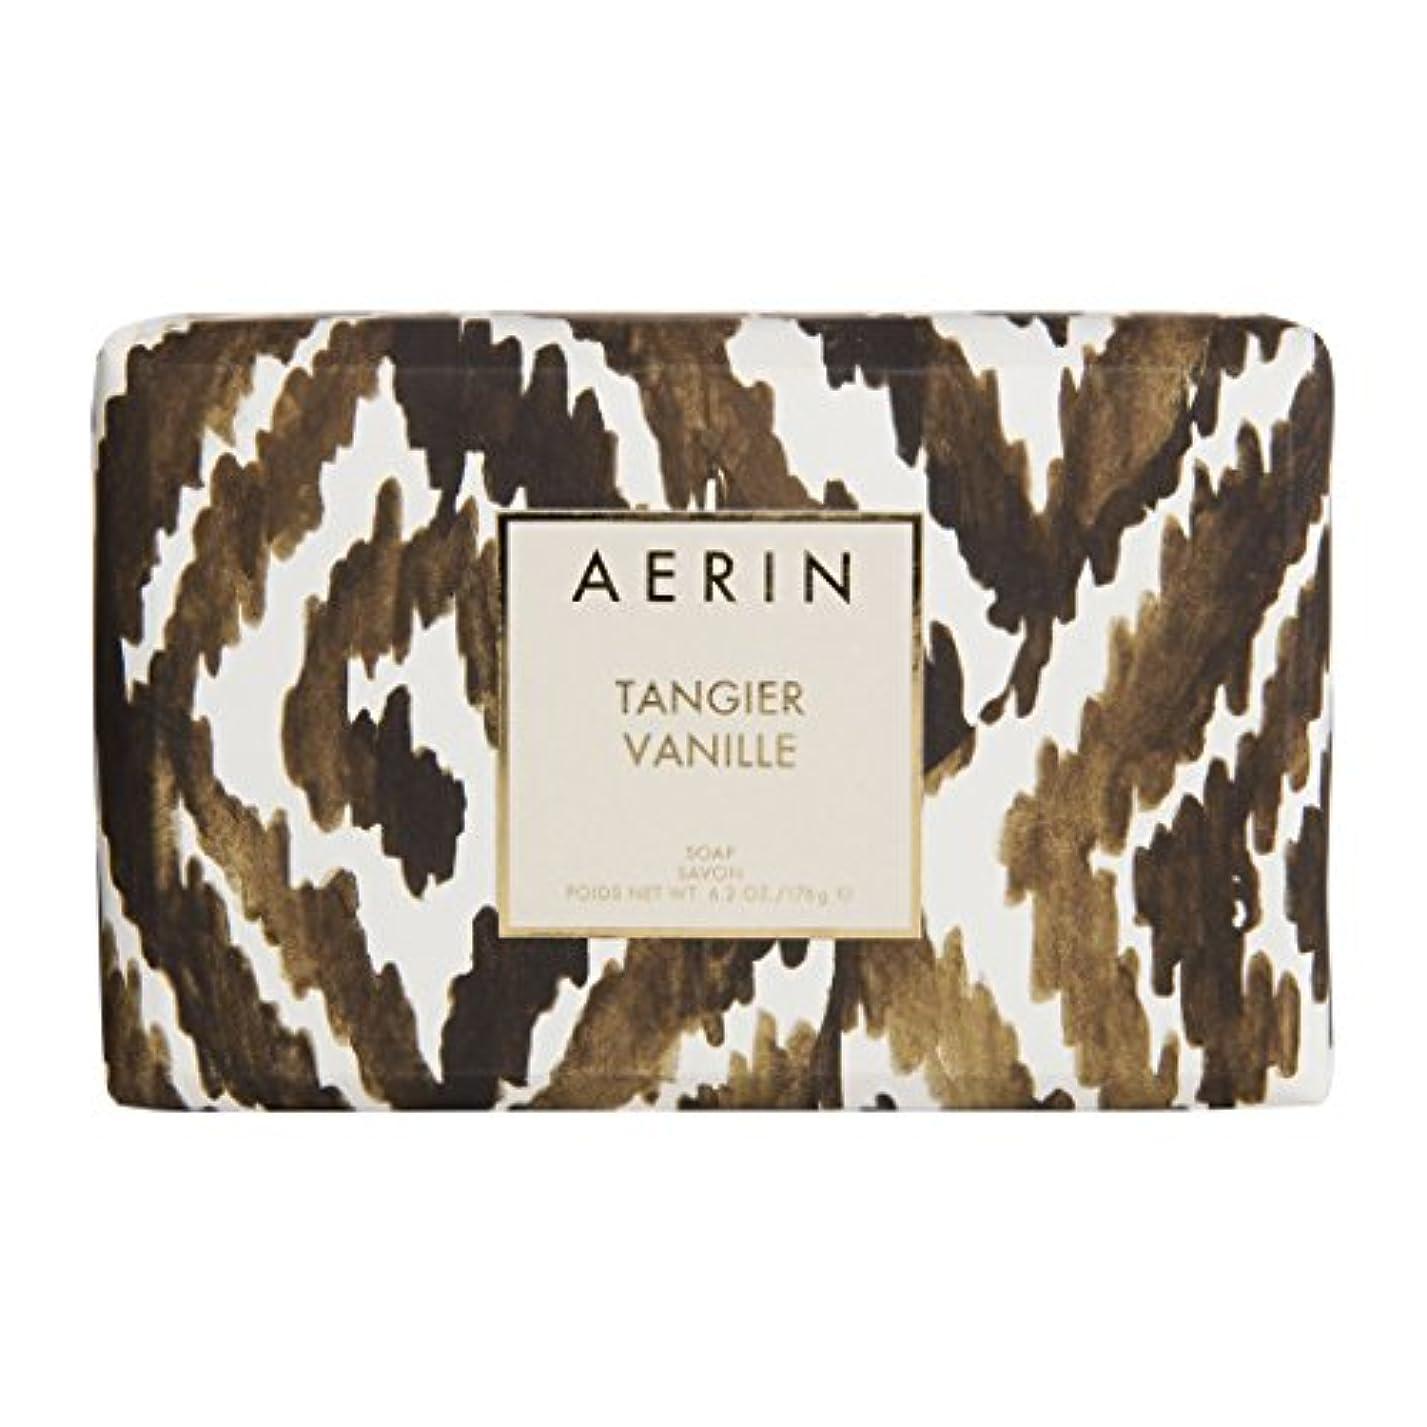 取り壊す人に関する限りレジAERIN Tangier Vanille (アエリン タンジヤー バニール) 6.2 oz (186ml) Soap 固形石鹸 by Estee Lauder for Women